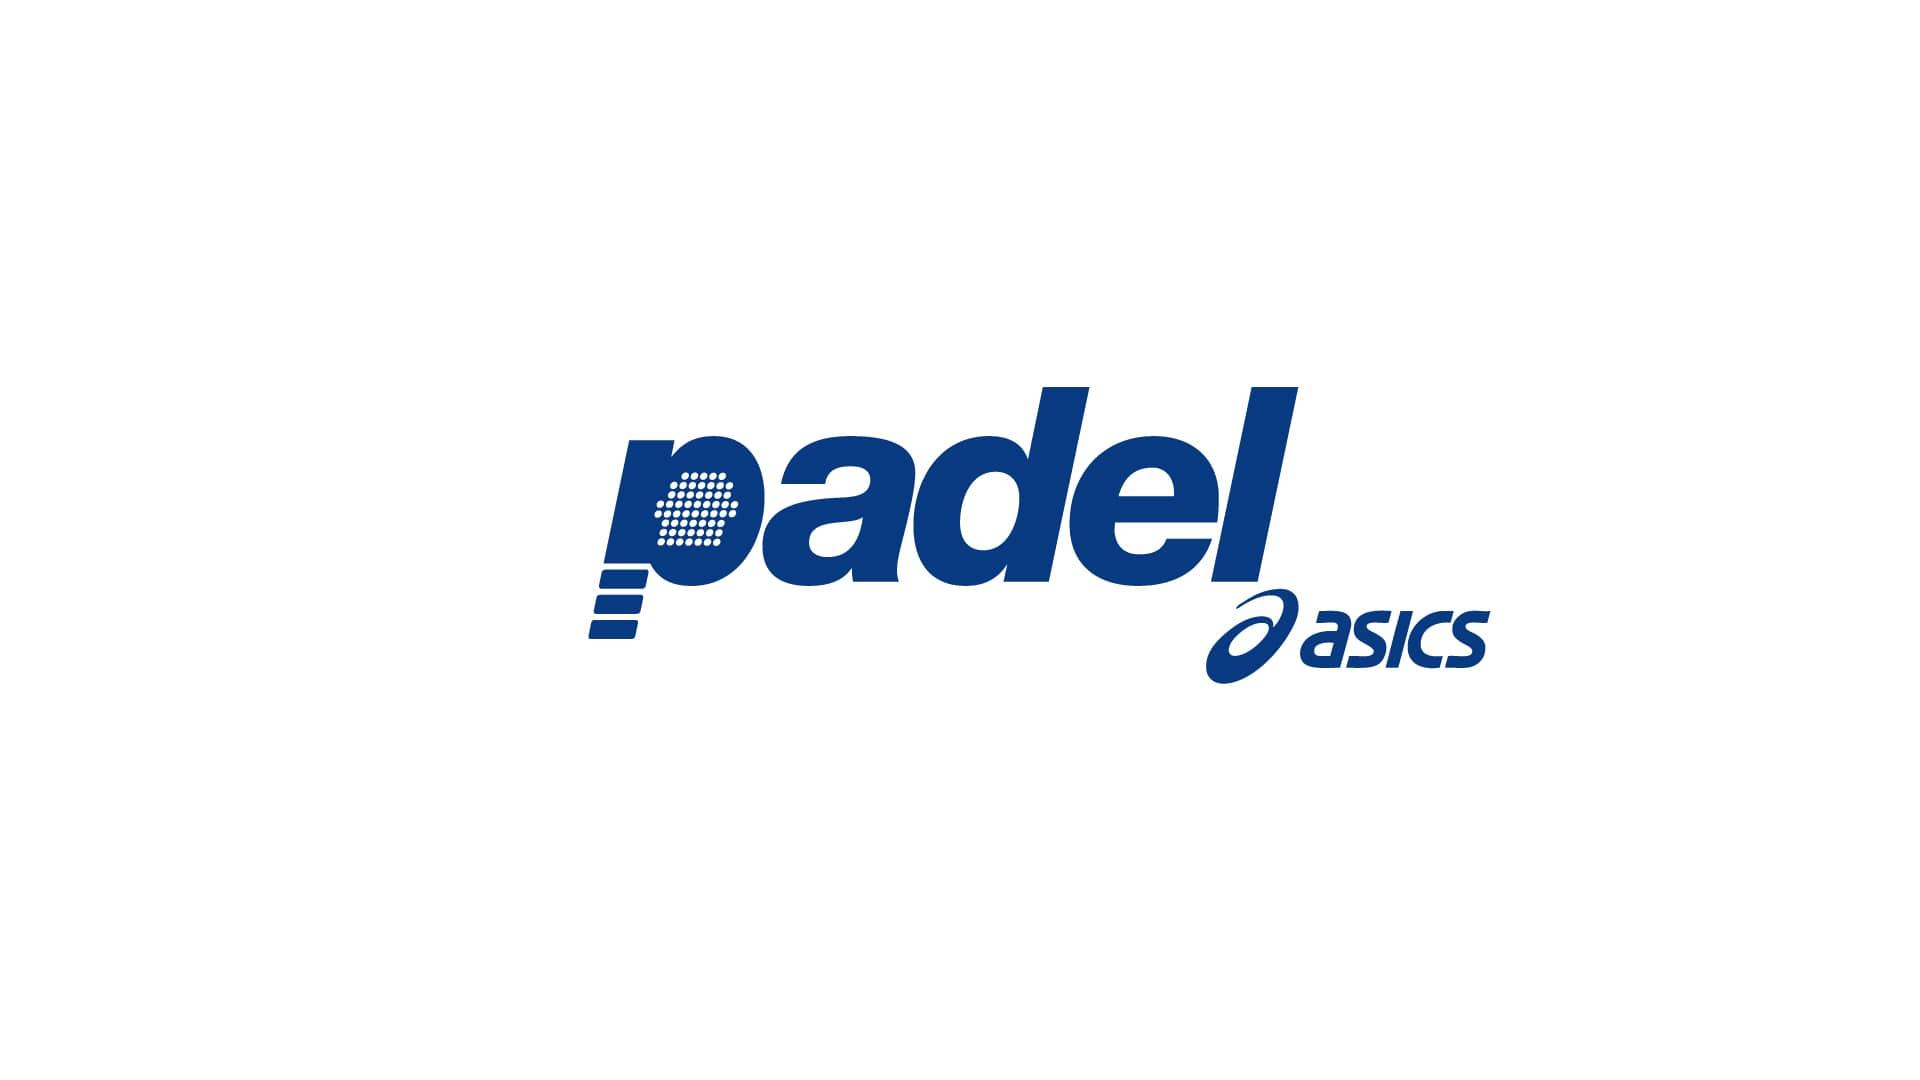 Asics Padel logo design - Simon Winter Design